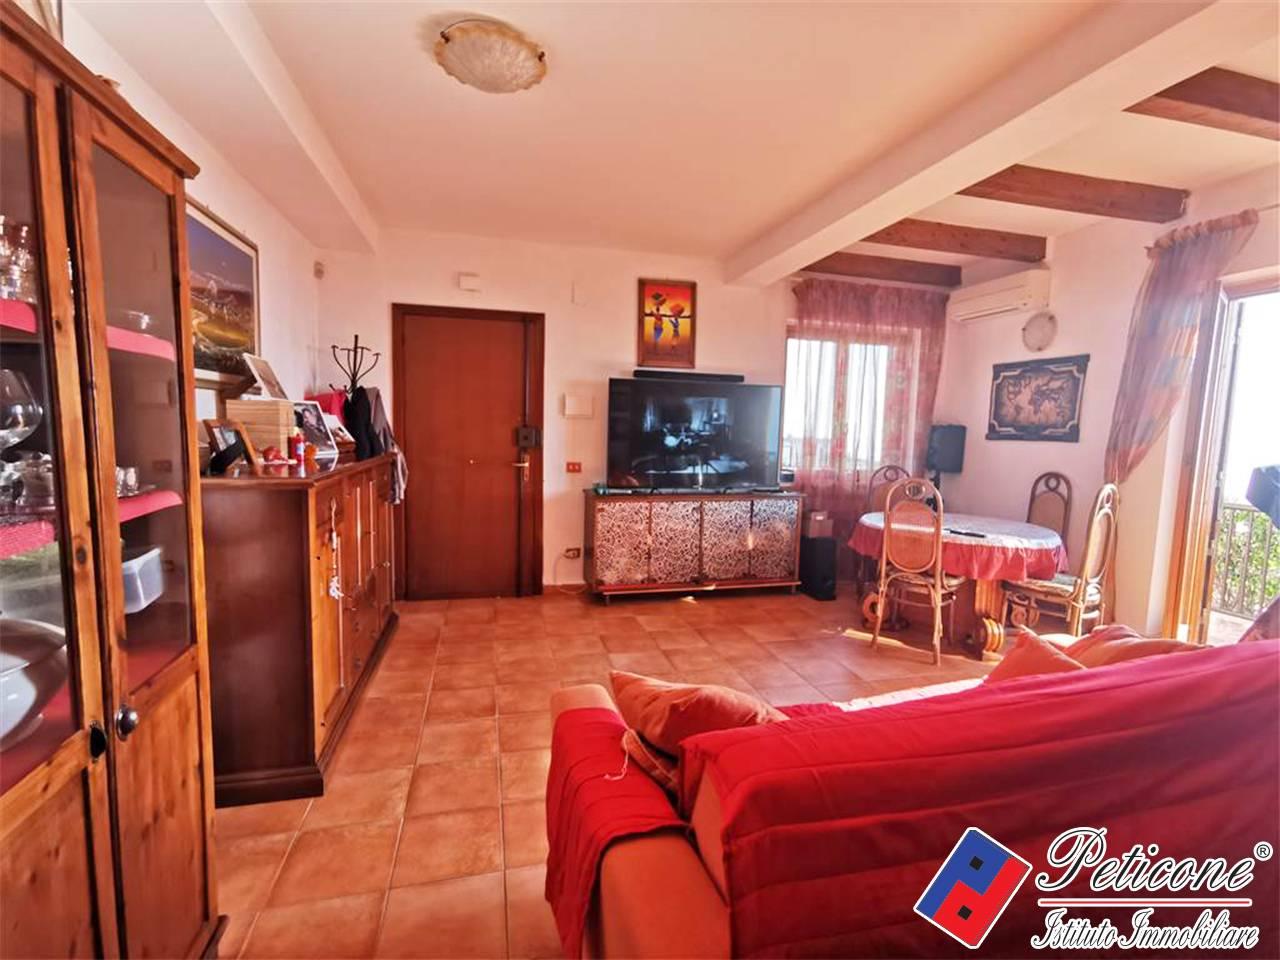 Villa in Vendita a Formia: 5 locali, 100 mq - Foto 4